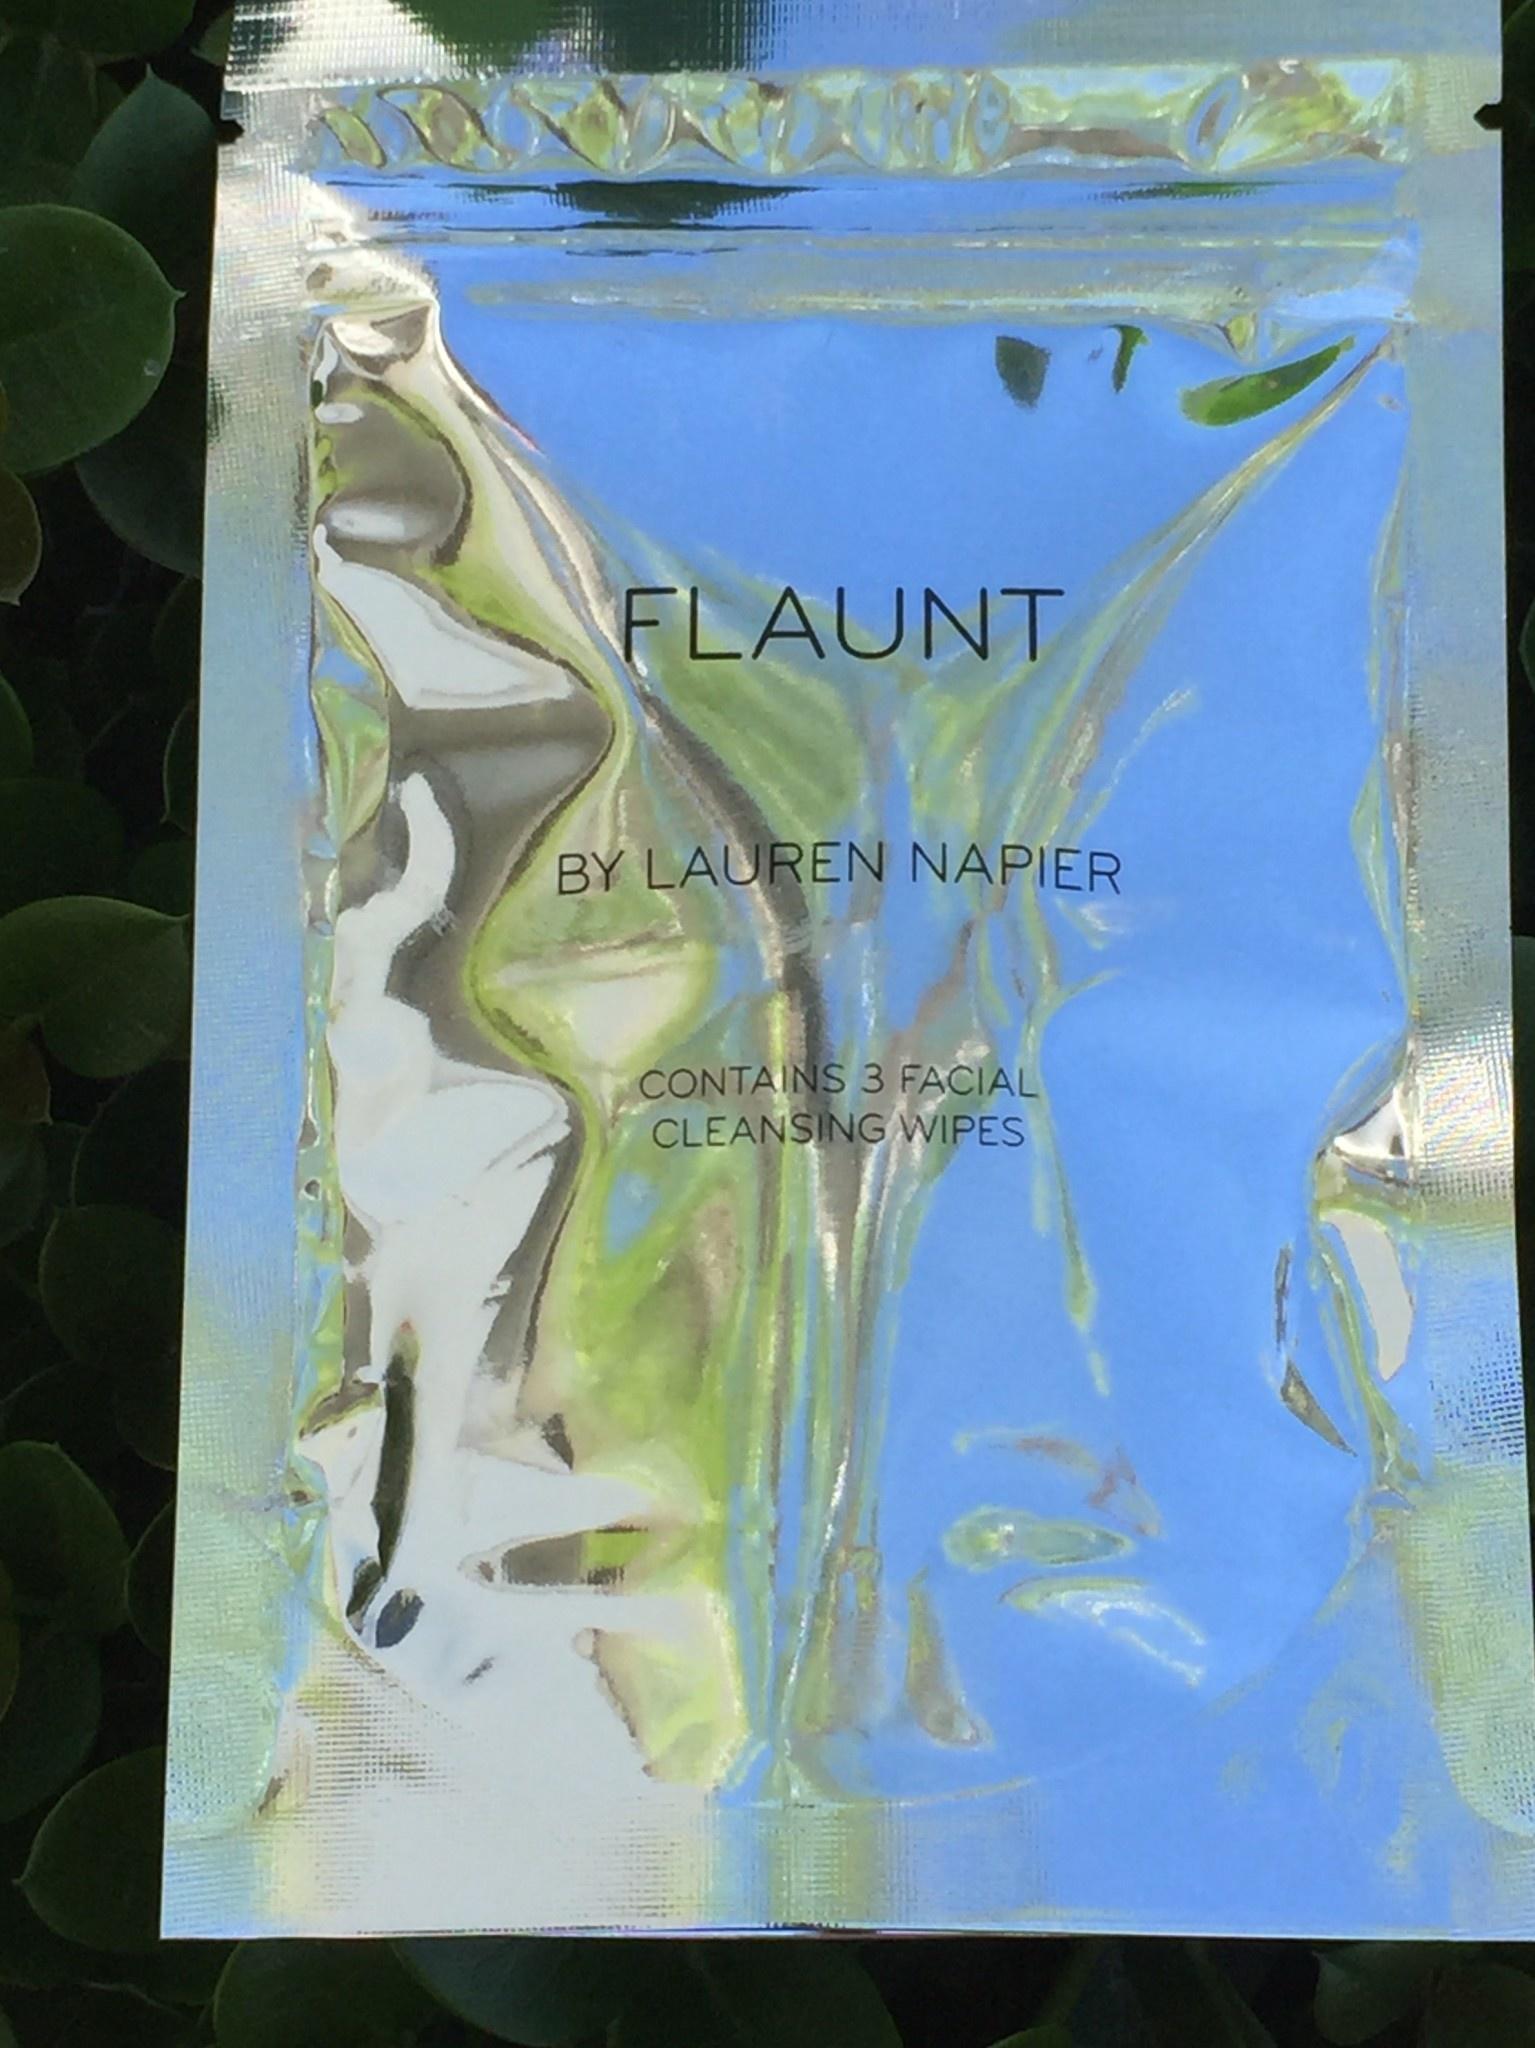 Lauren Napier Flaunt by Lauren Napier 3 count